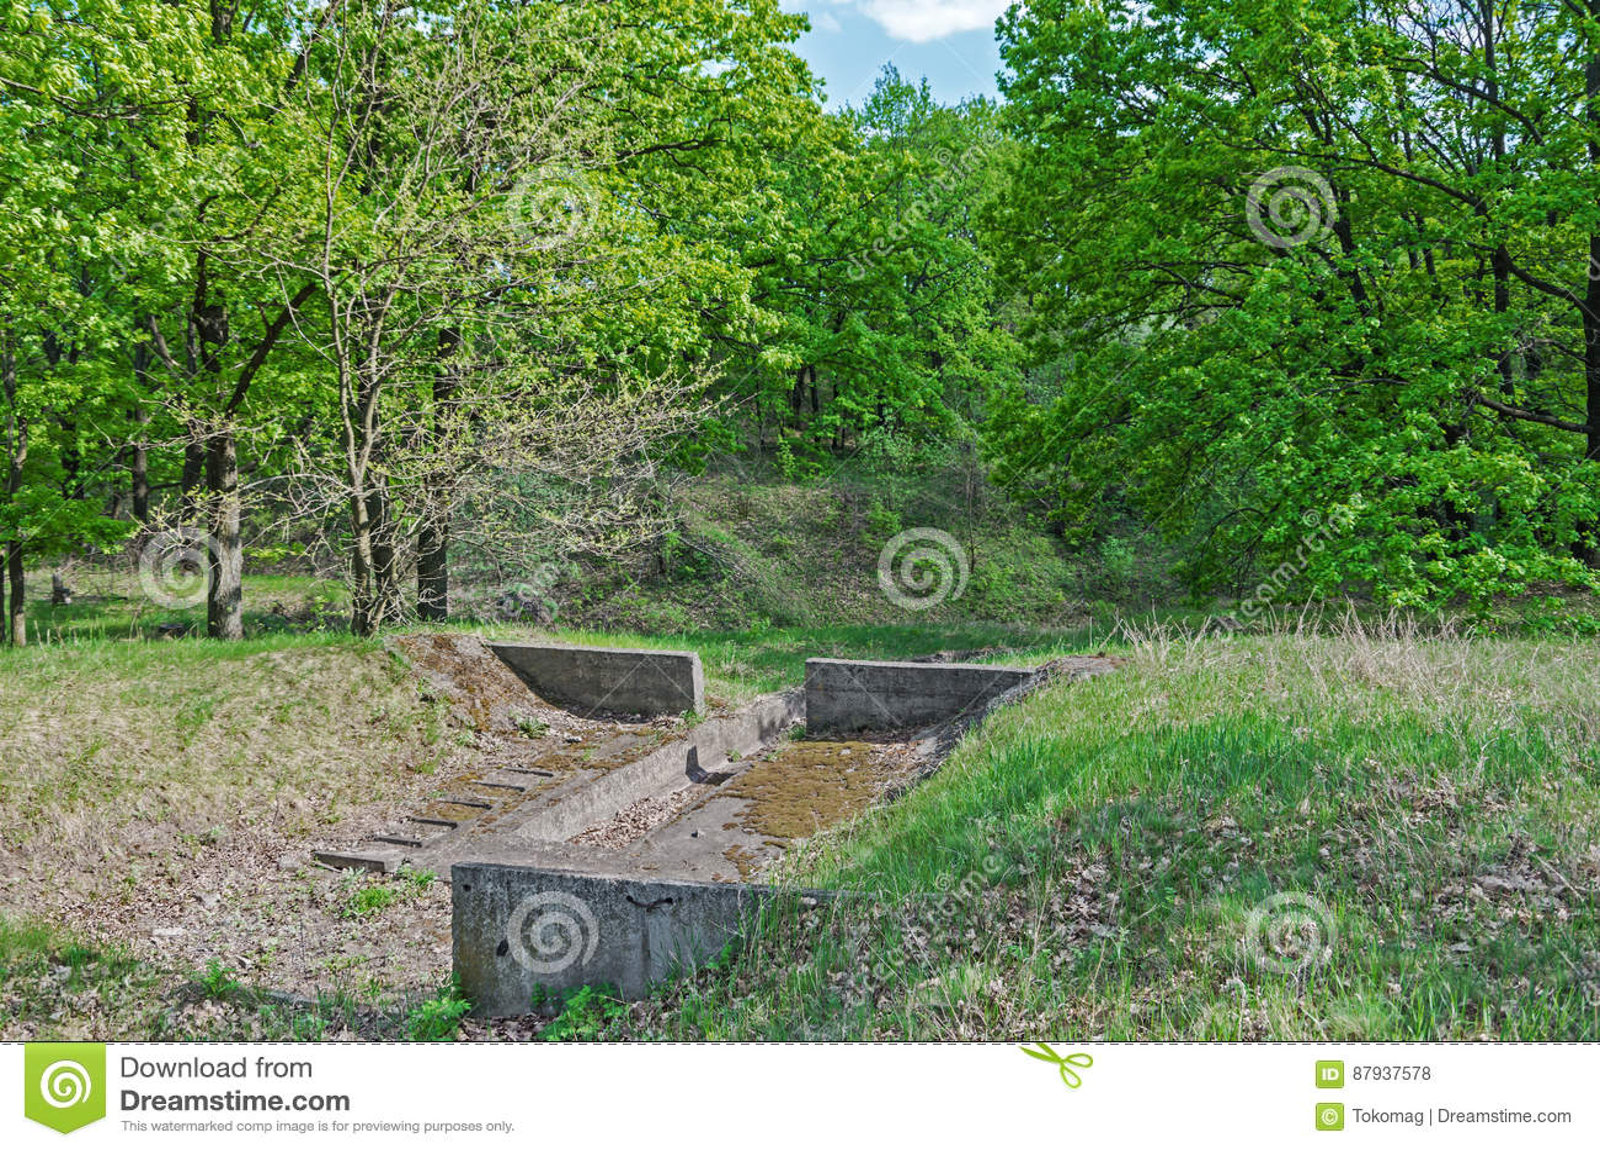 土壤的保护免受侵蚀